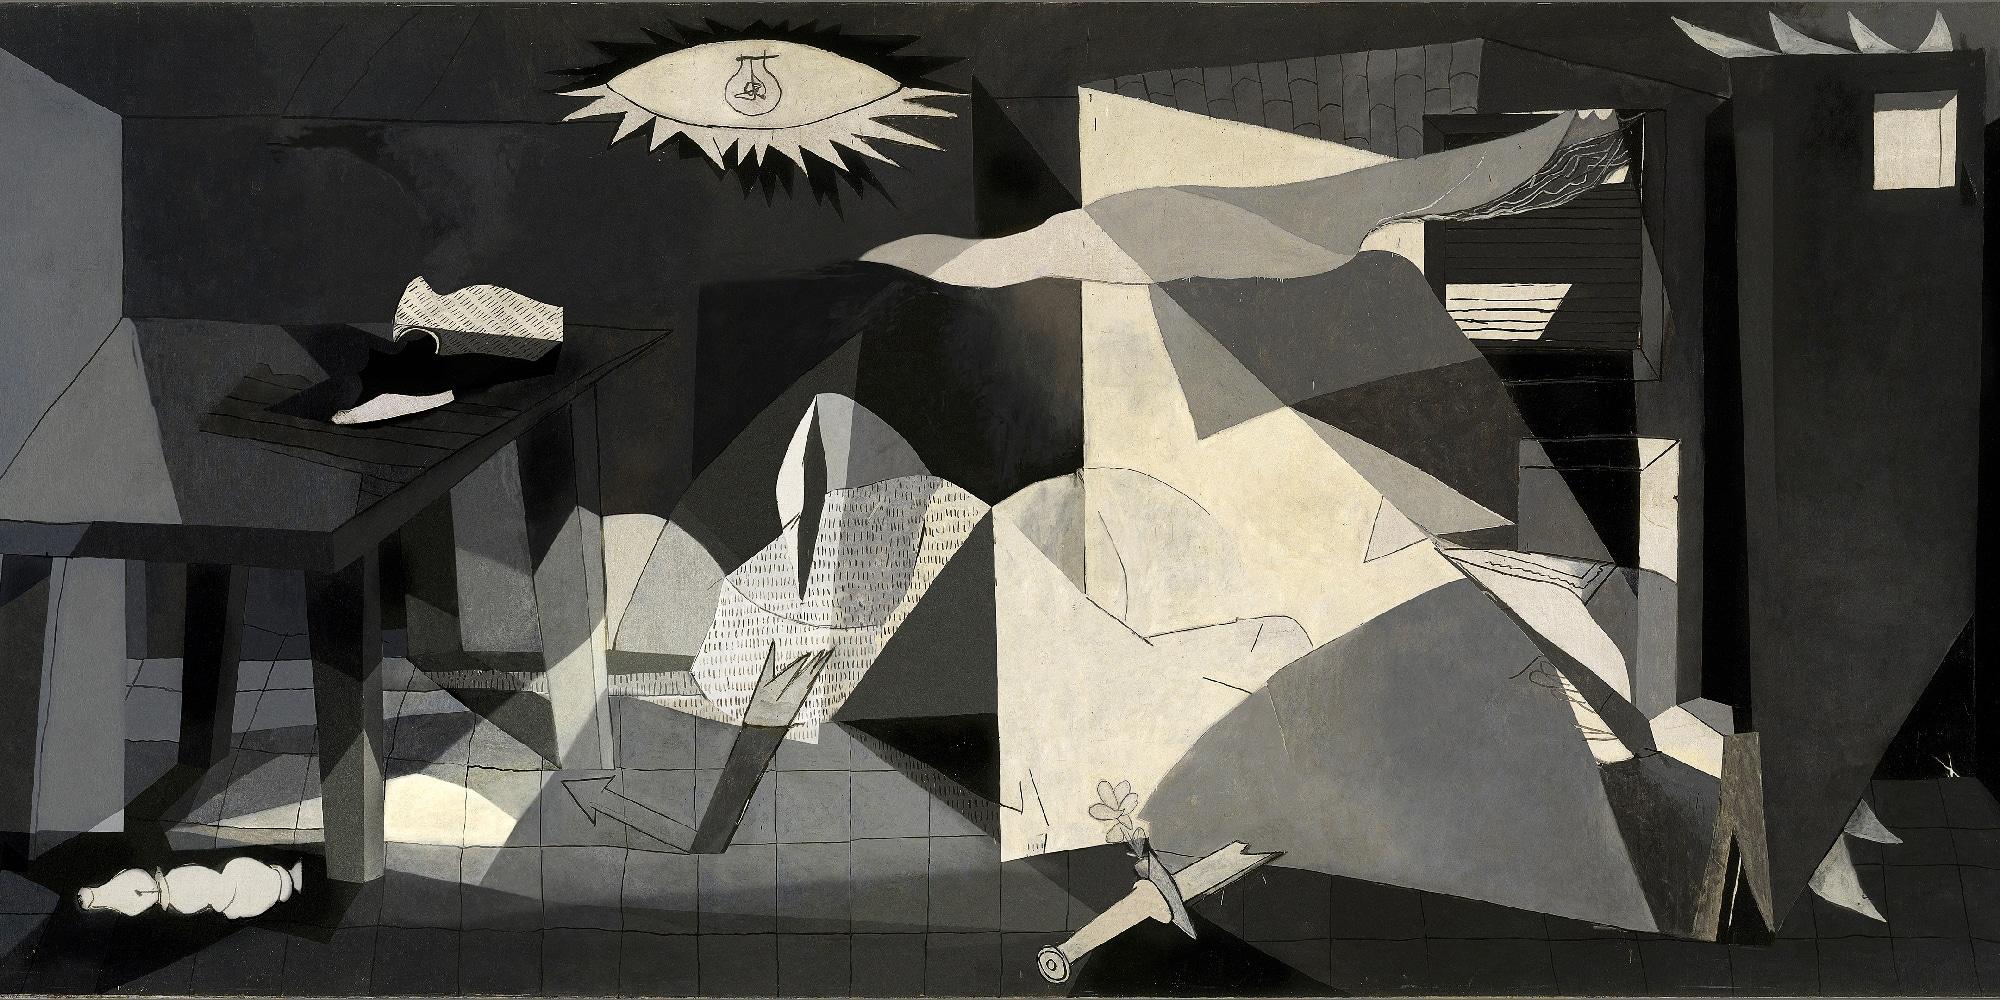 Le photographe José Manuel Ballester revisite le Guernica de Picasso, grâce à l'impression numérique.